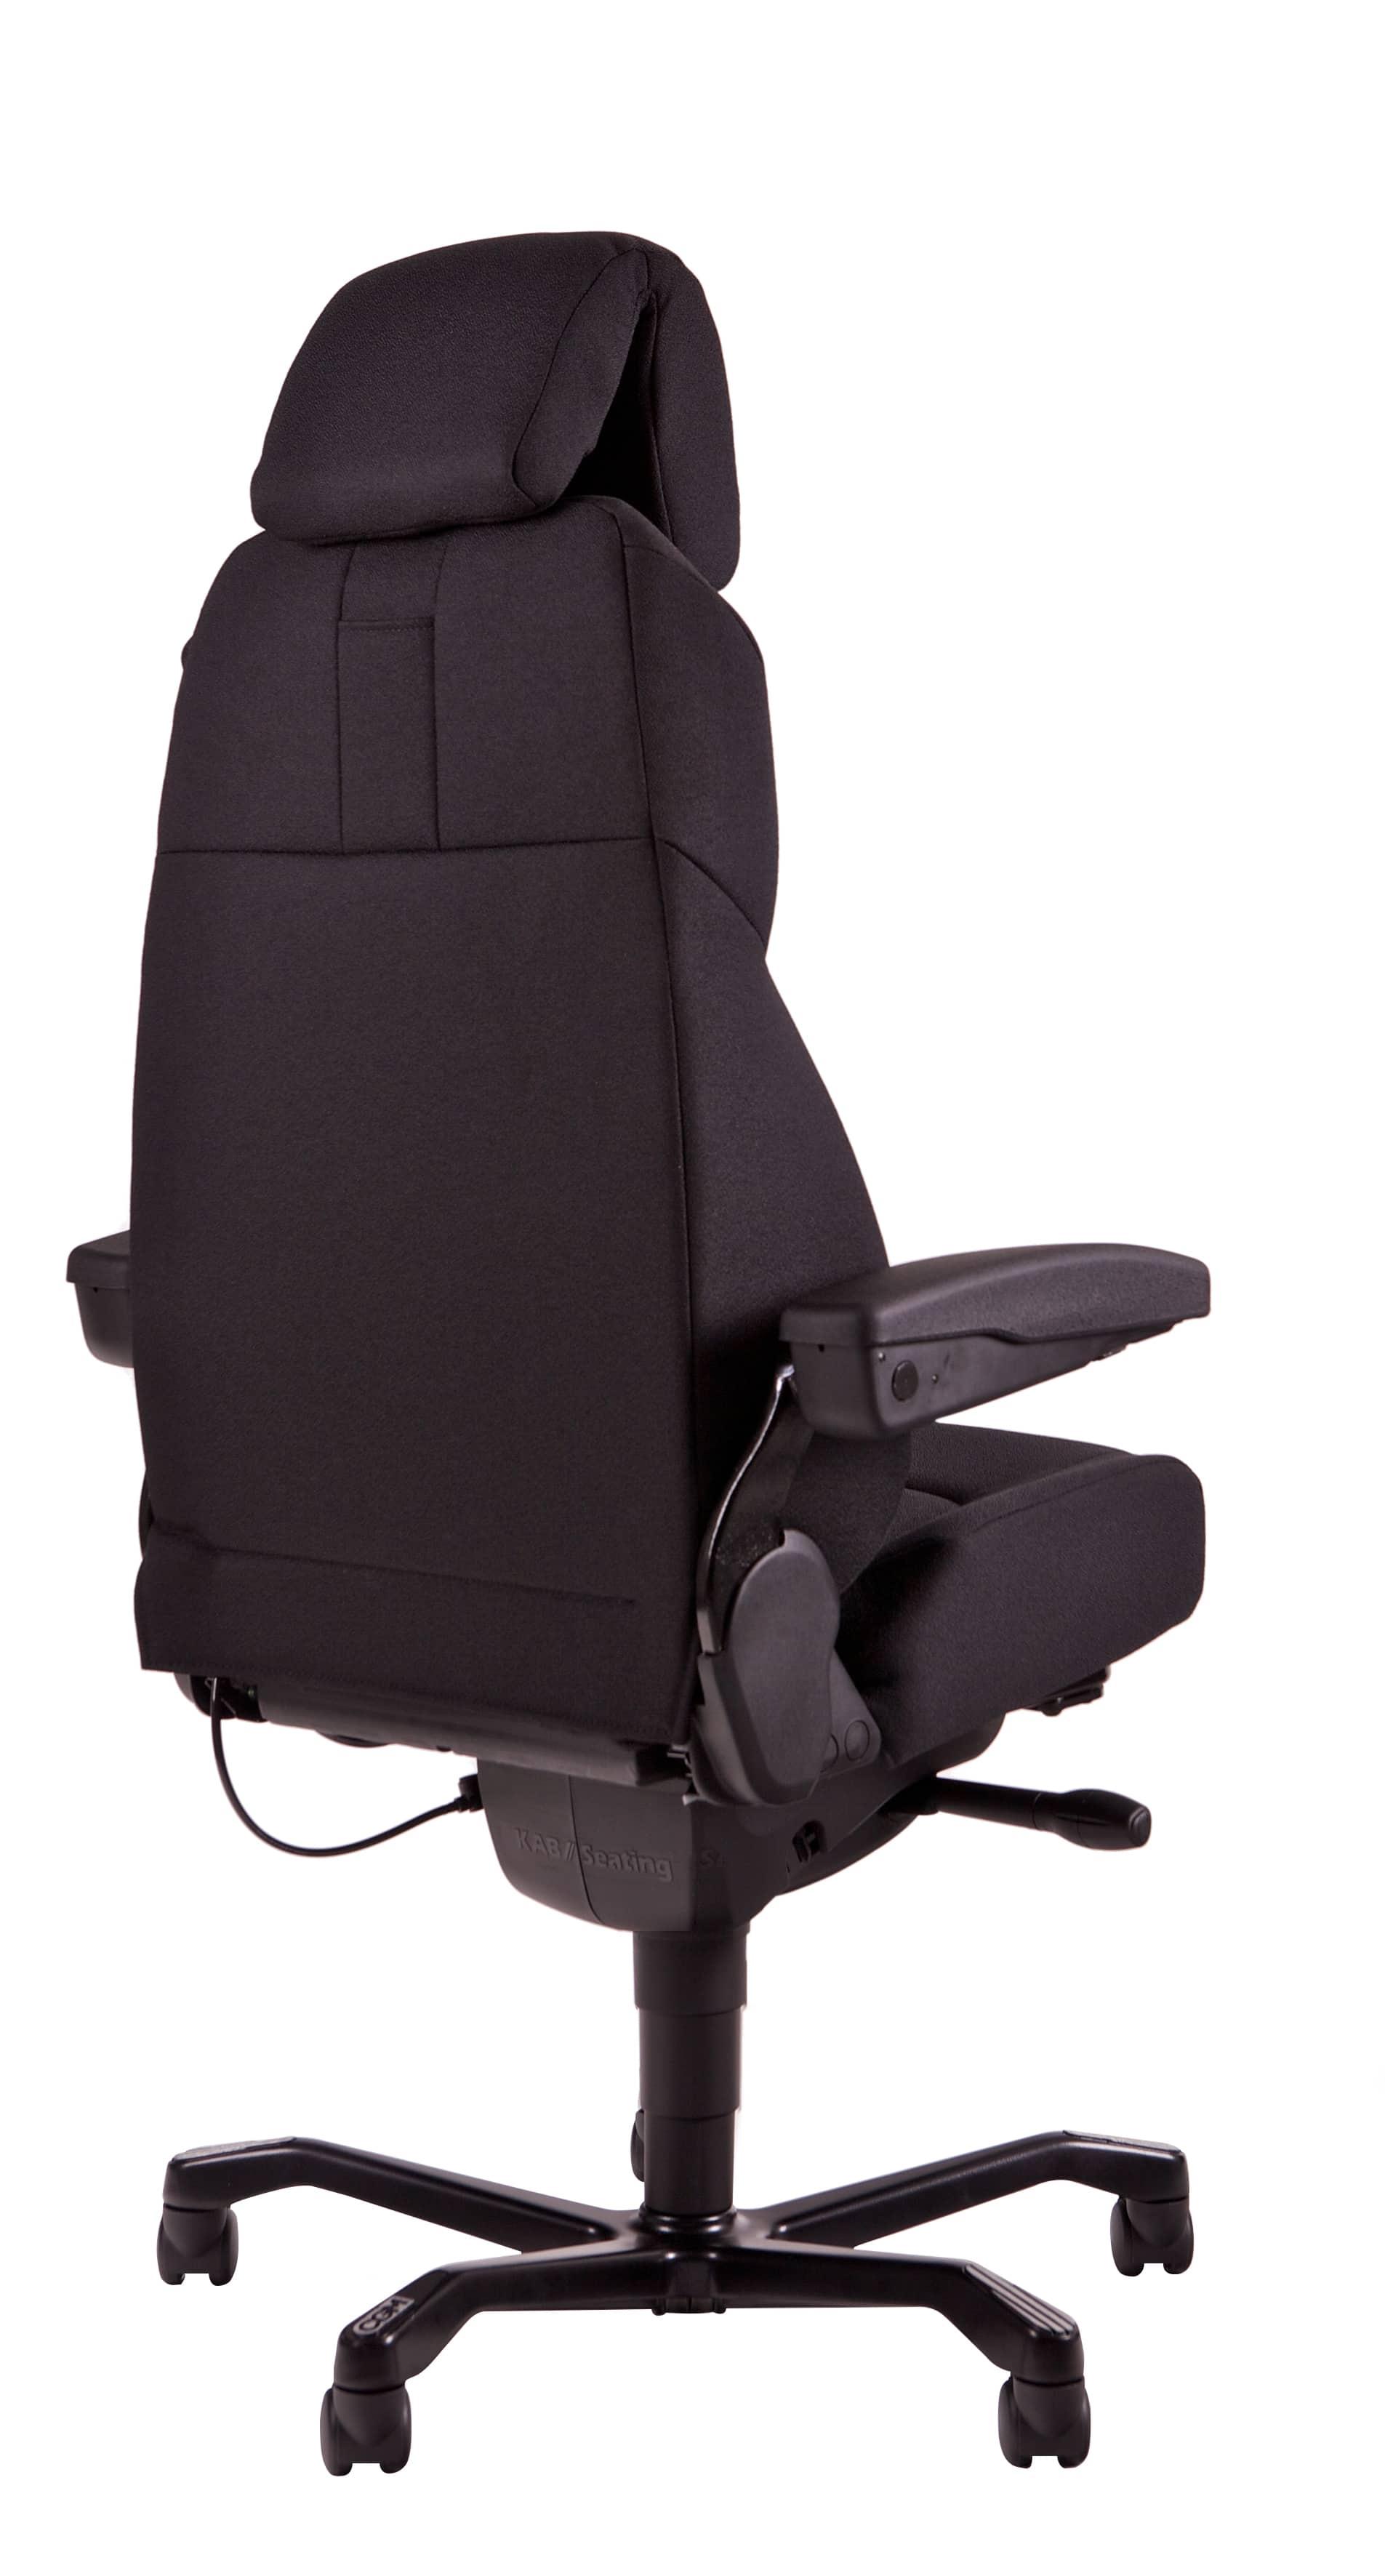 Huislijn Serie 24/7  KAB // Seating [3]